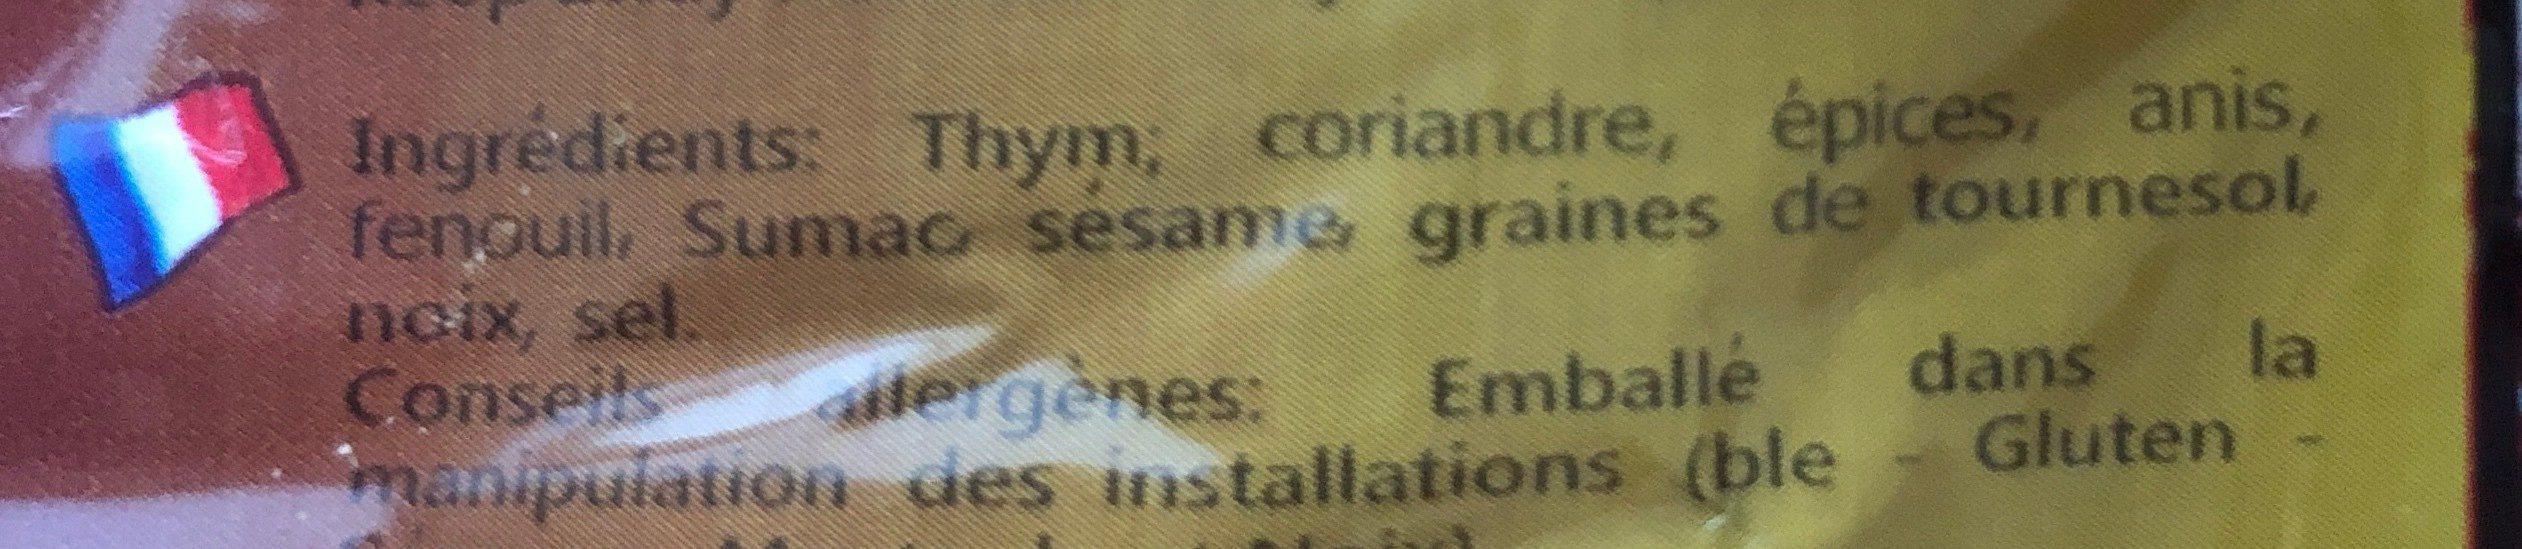 Zaatar - Ingredients